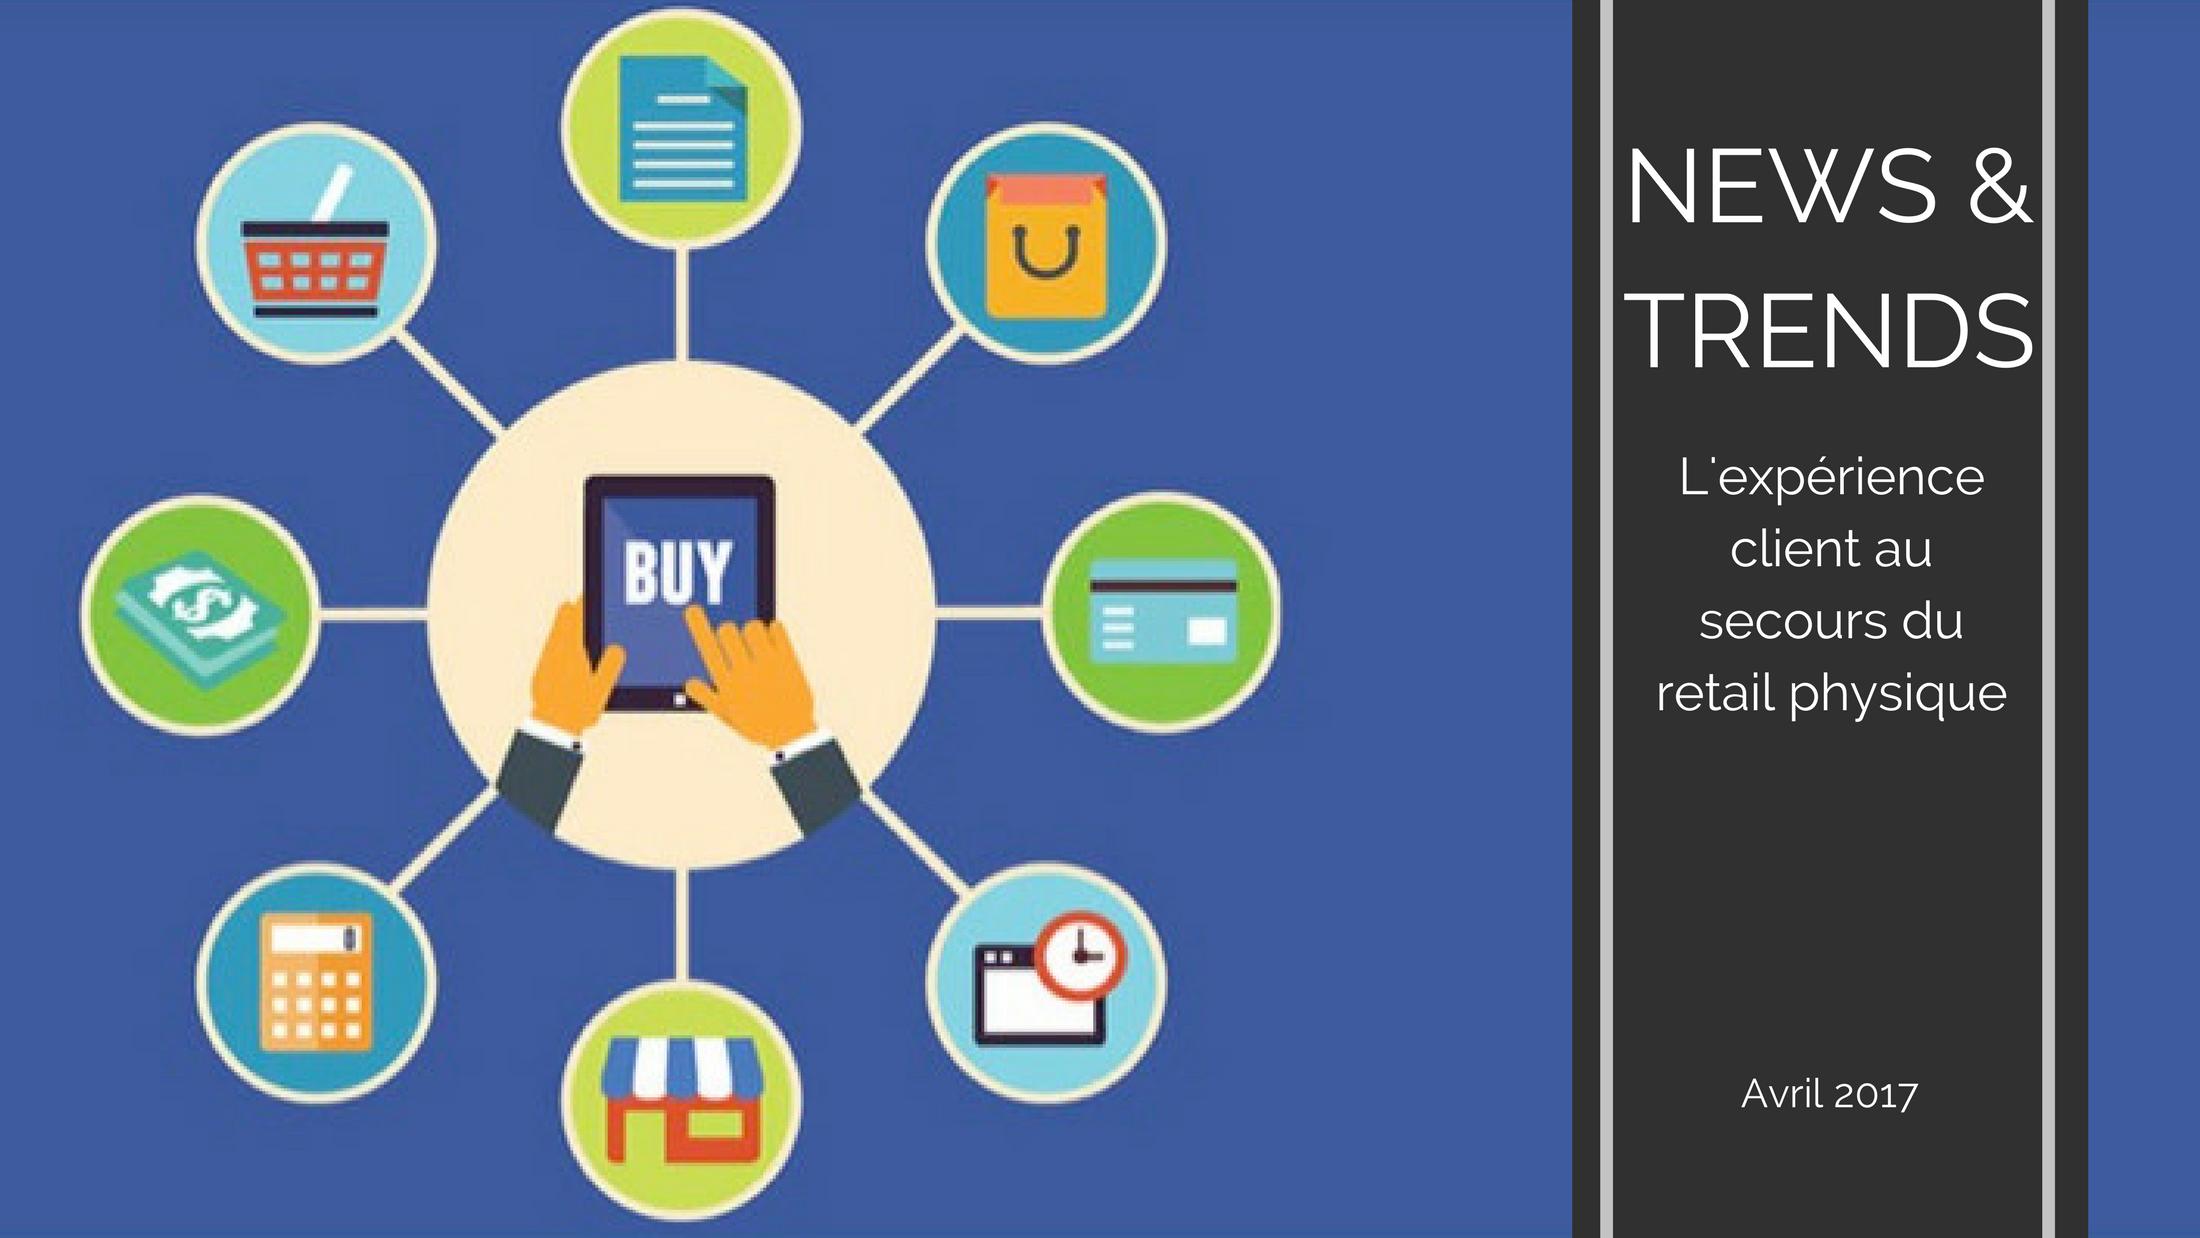 Trends News1 - L'expérience client au secours du retail physique